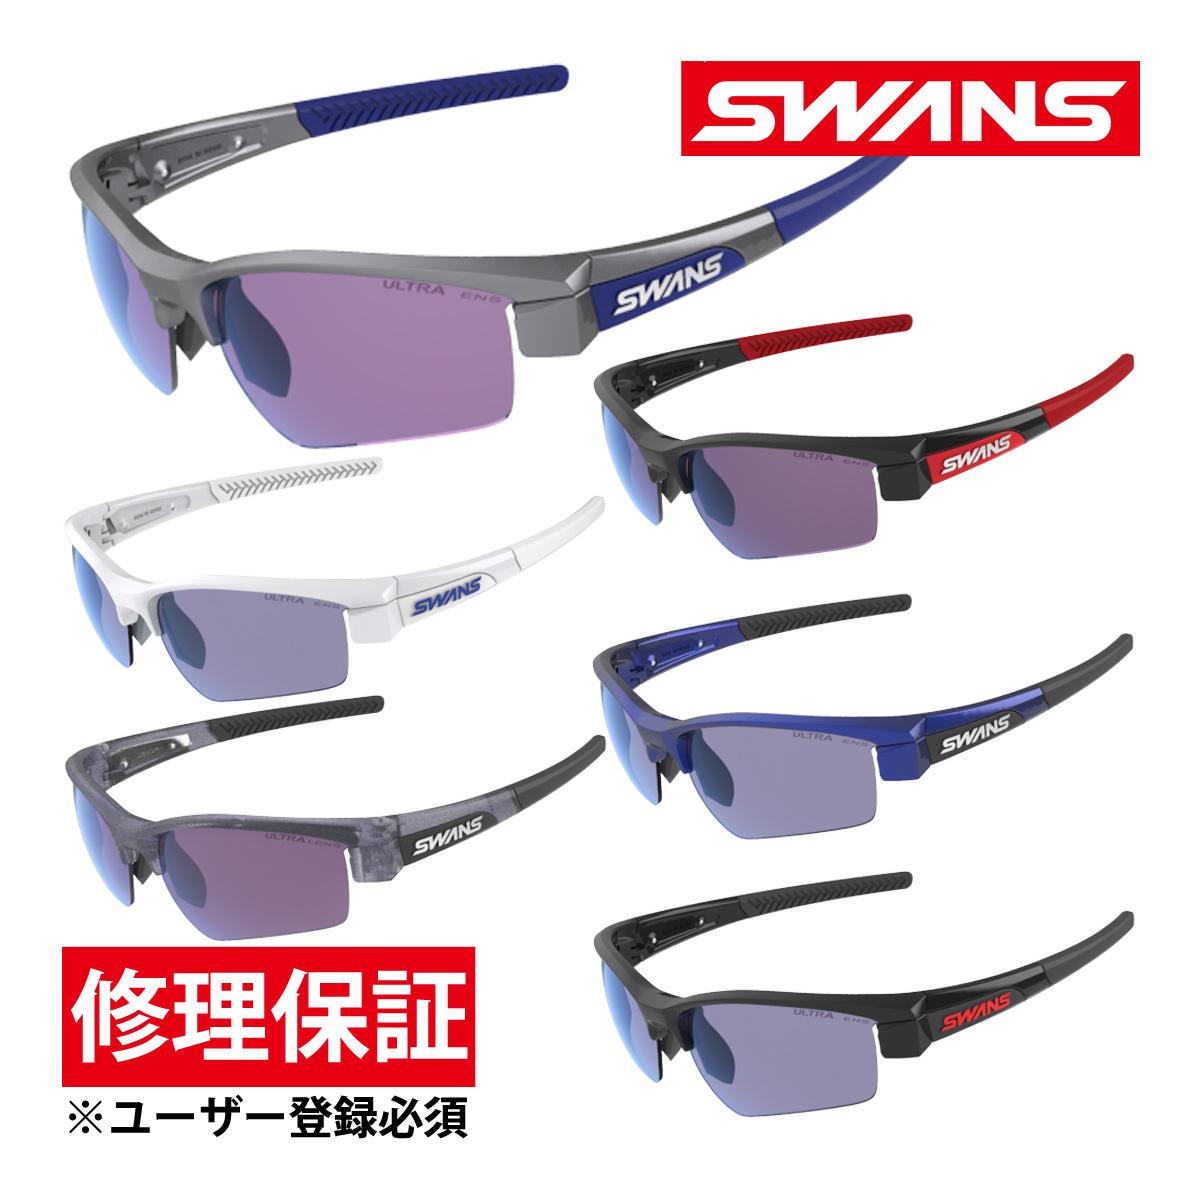 サングラス 偏光レンズ ウルトラレンズ 両面マルチ メンズ レディース ドライブ 釣り ゴルフ スポーツ LION SIN フレーム+L-LI SIN-0167 PICBL おすすめ 人気 SWANS スワンズ